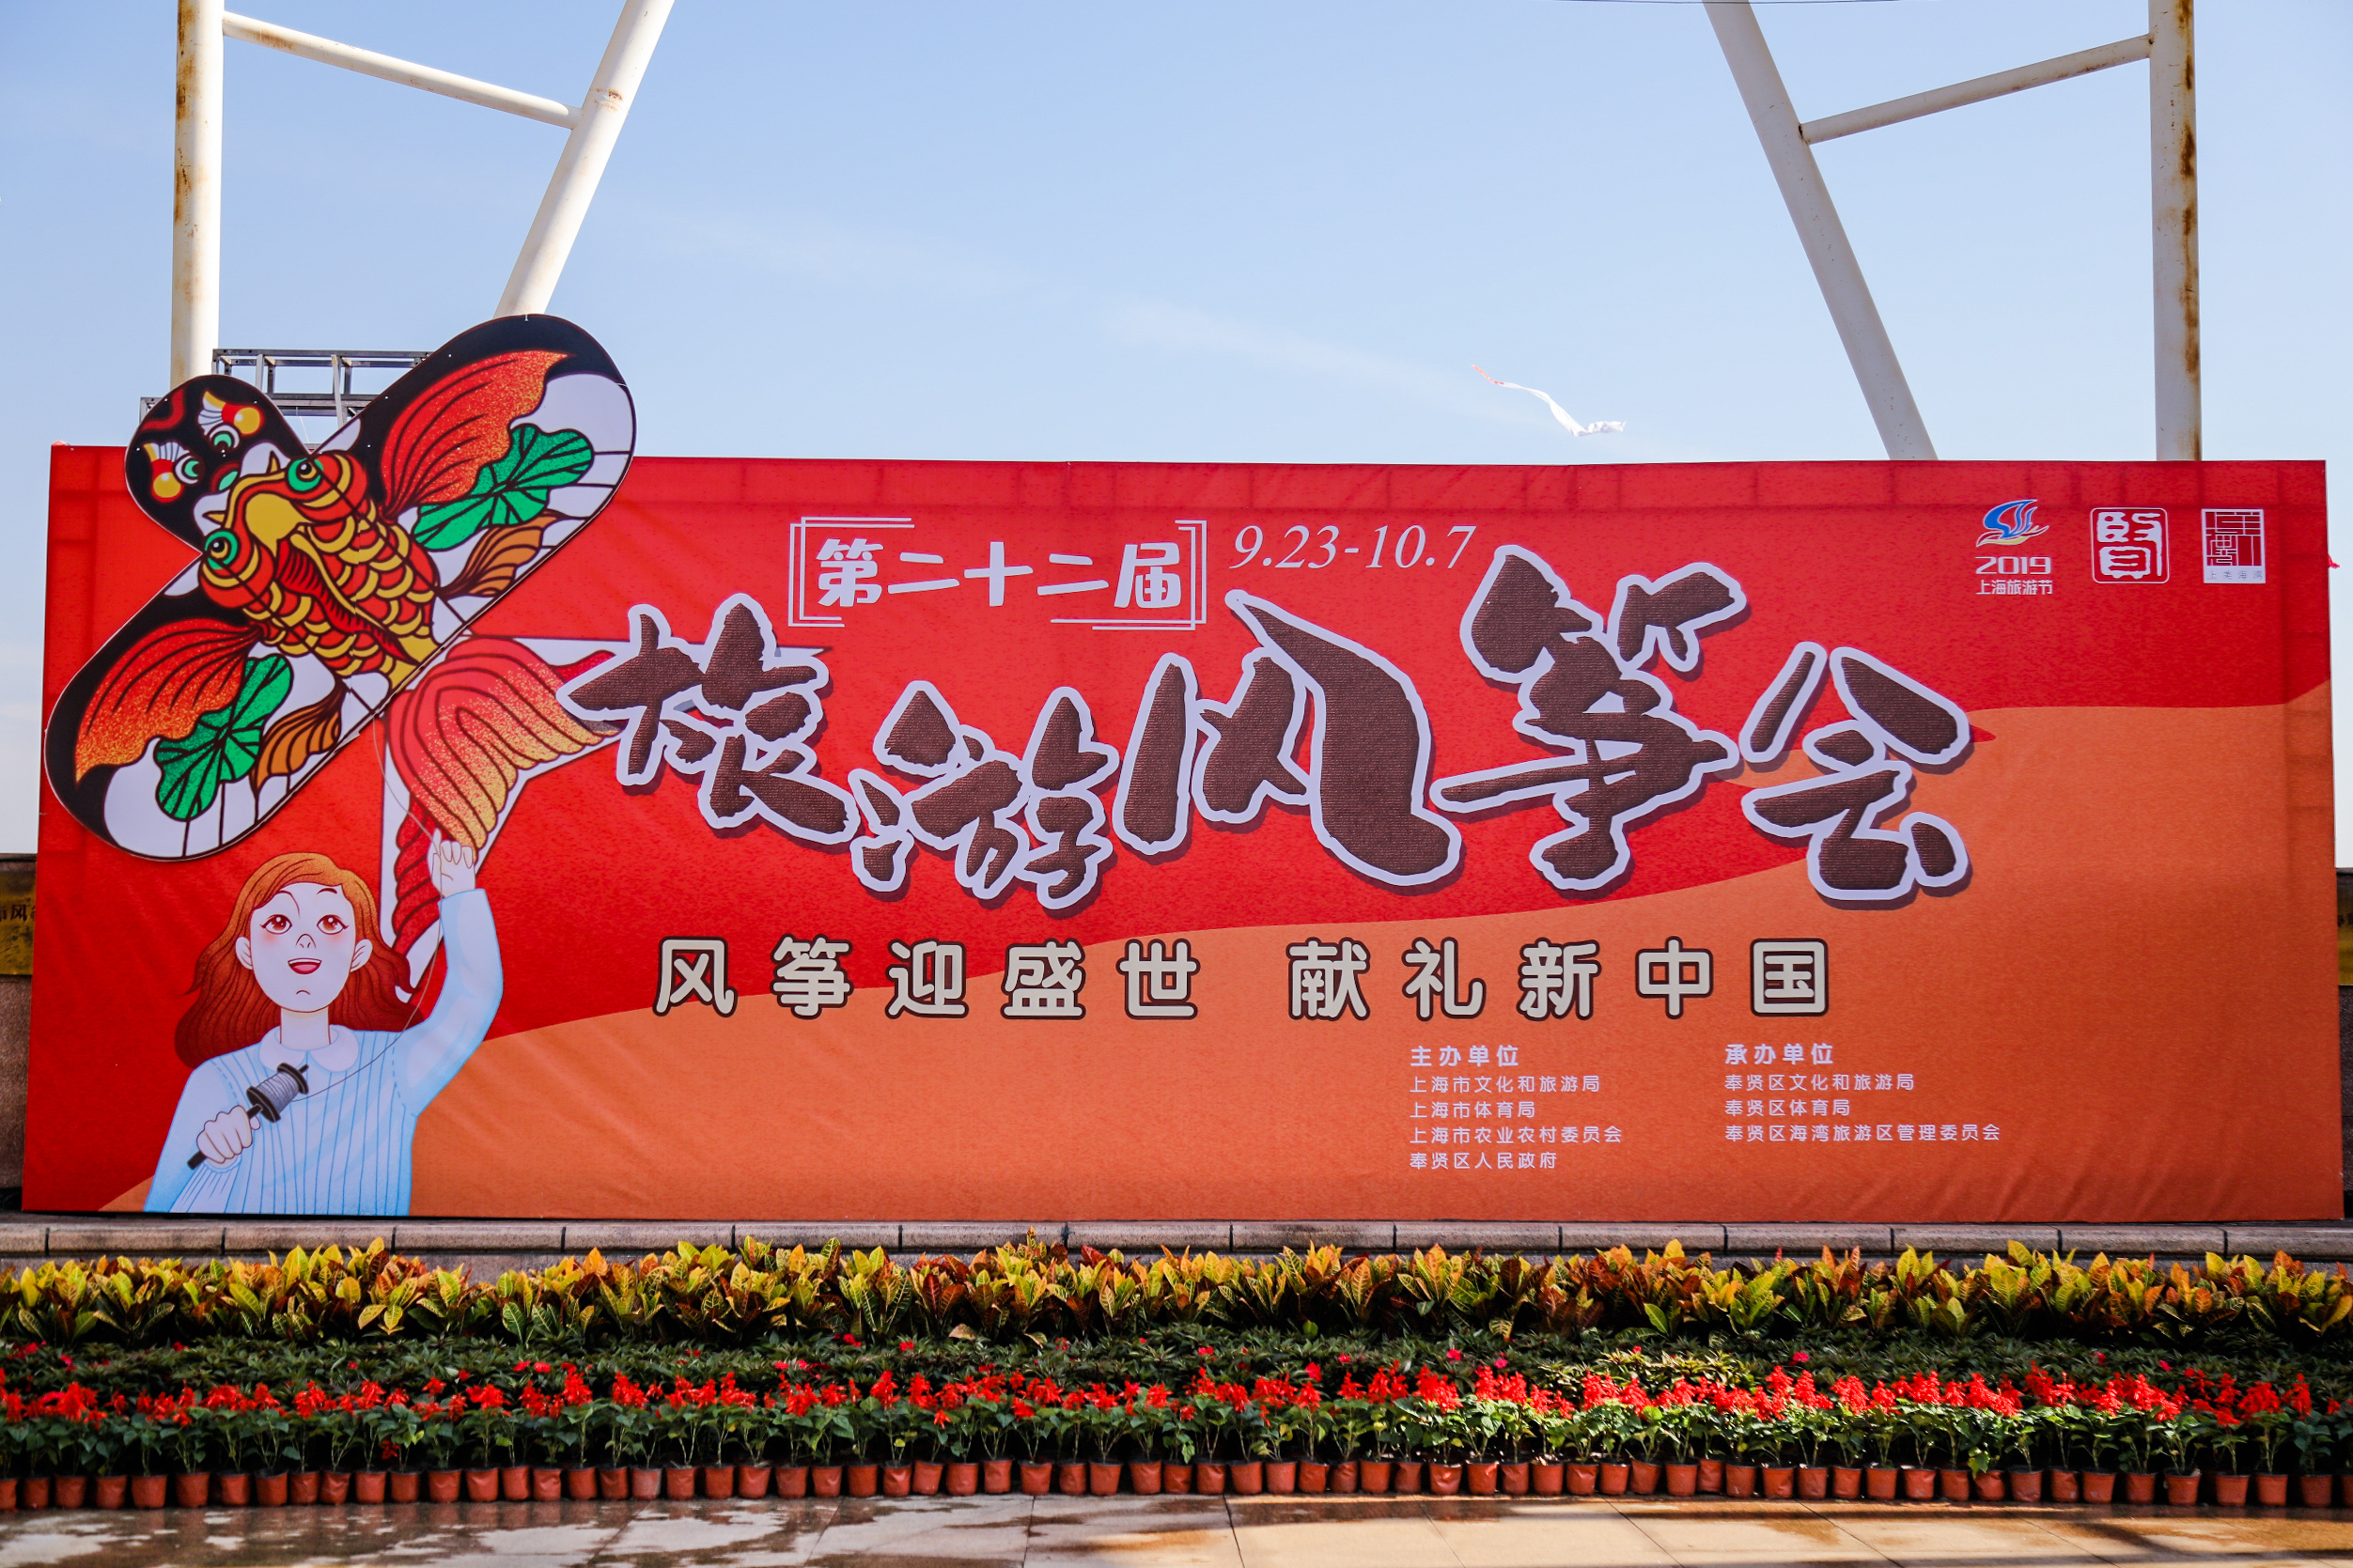 """""""风筝迎盛世 献礼新中国"""" 2019上海旅游节第22届旅游风筝会"""